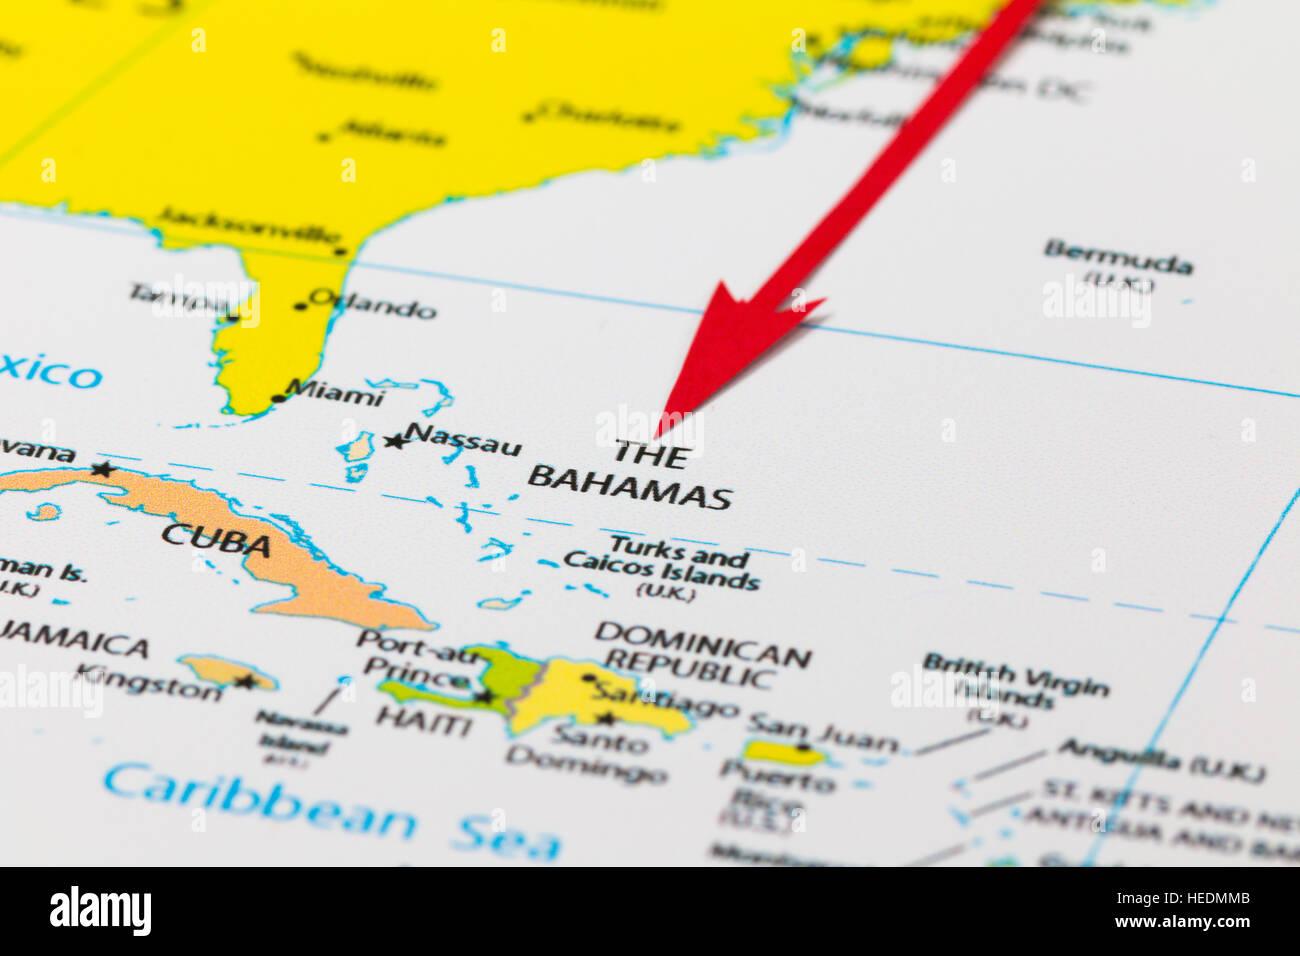 Flèche rouge pointant les Bahamas Îles sur le plan de l'amérique du continent et des Caraïbes Banque D'Images